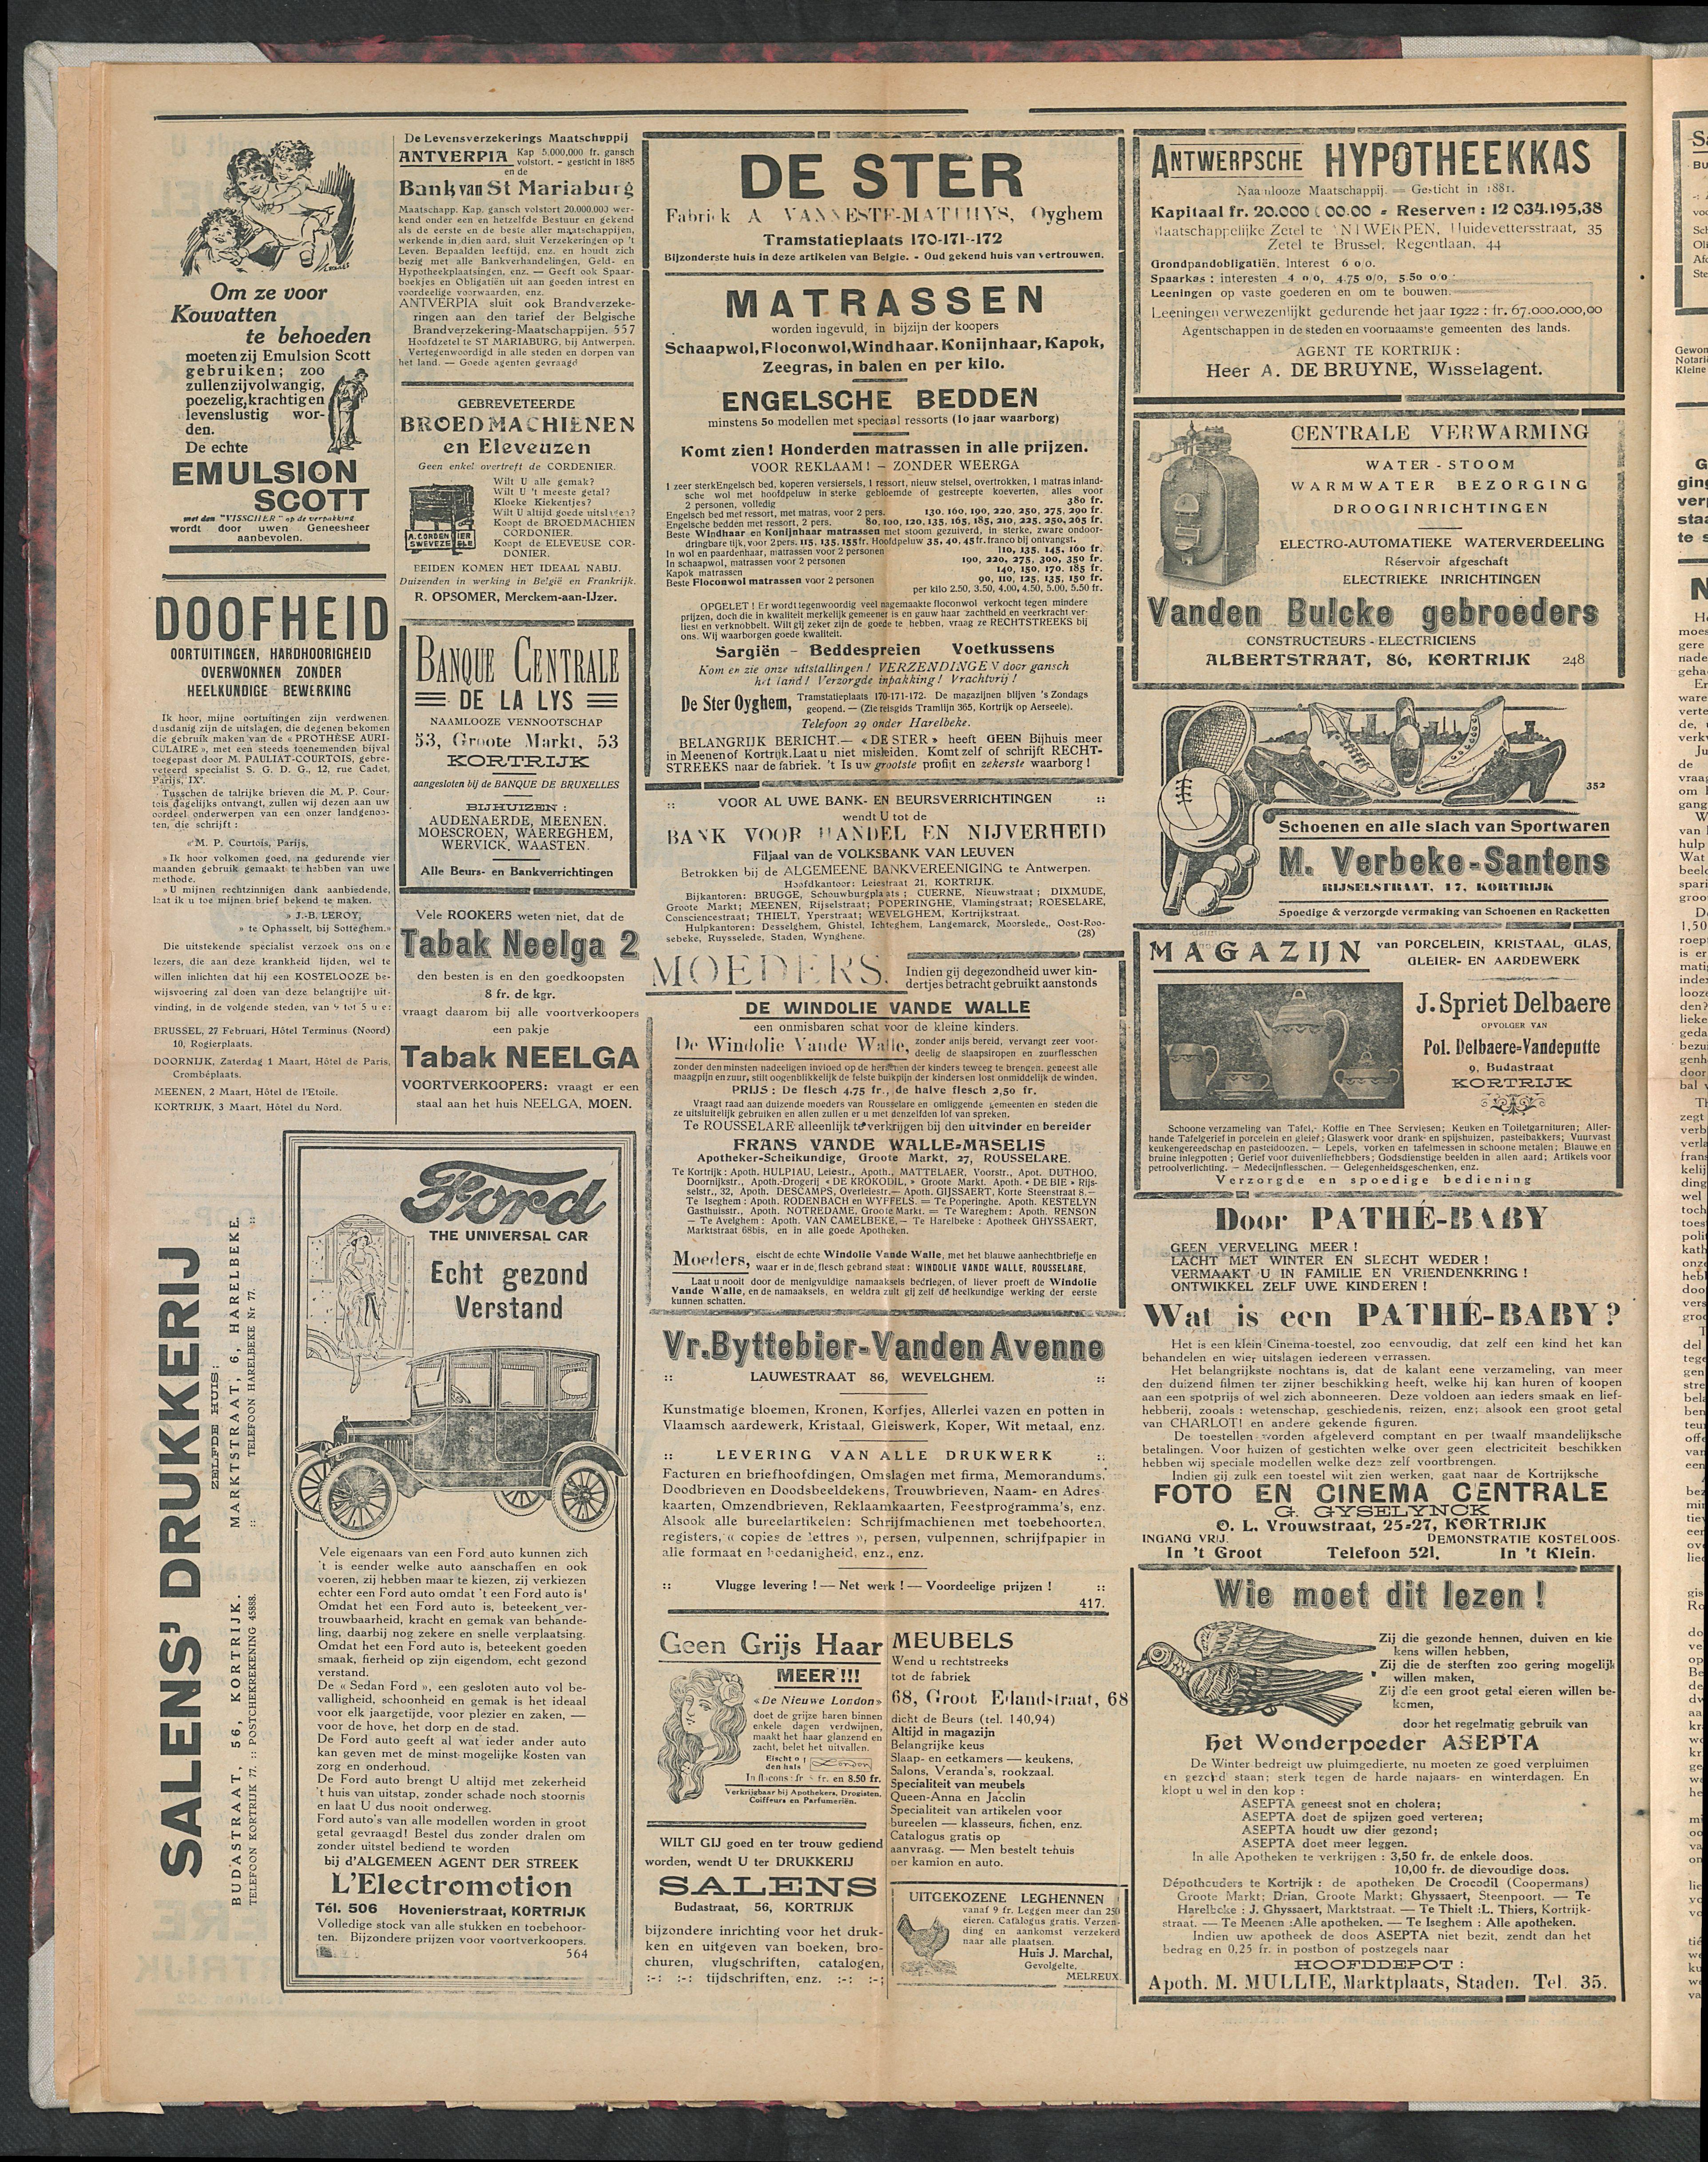 Het Kortrijksche Volk 1924-02-17 p4